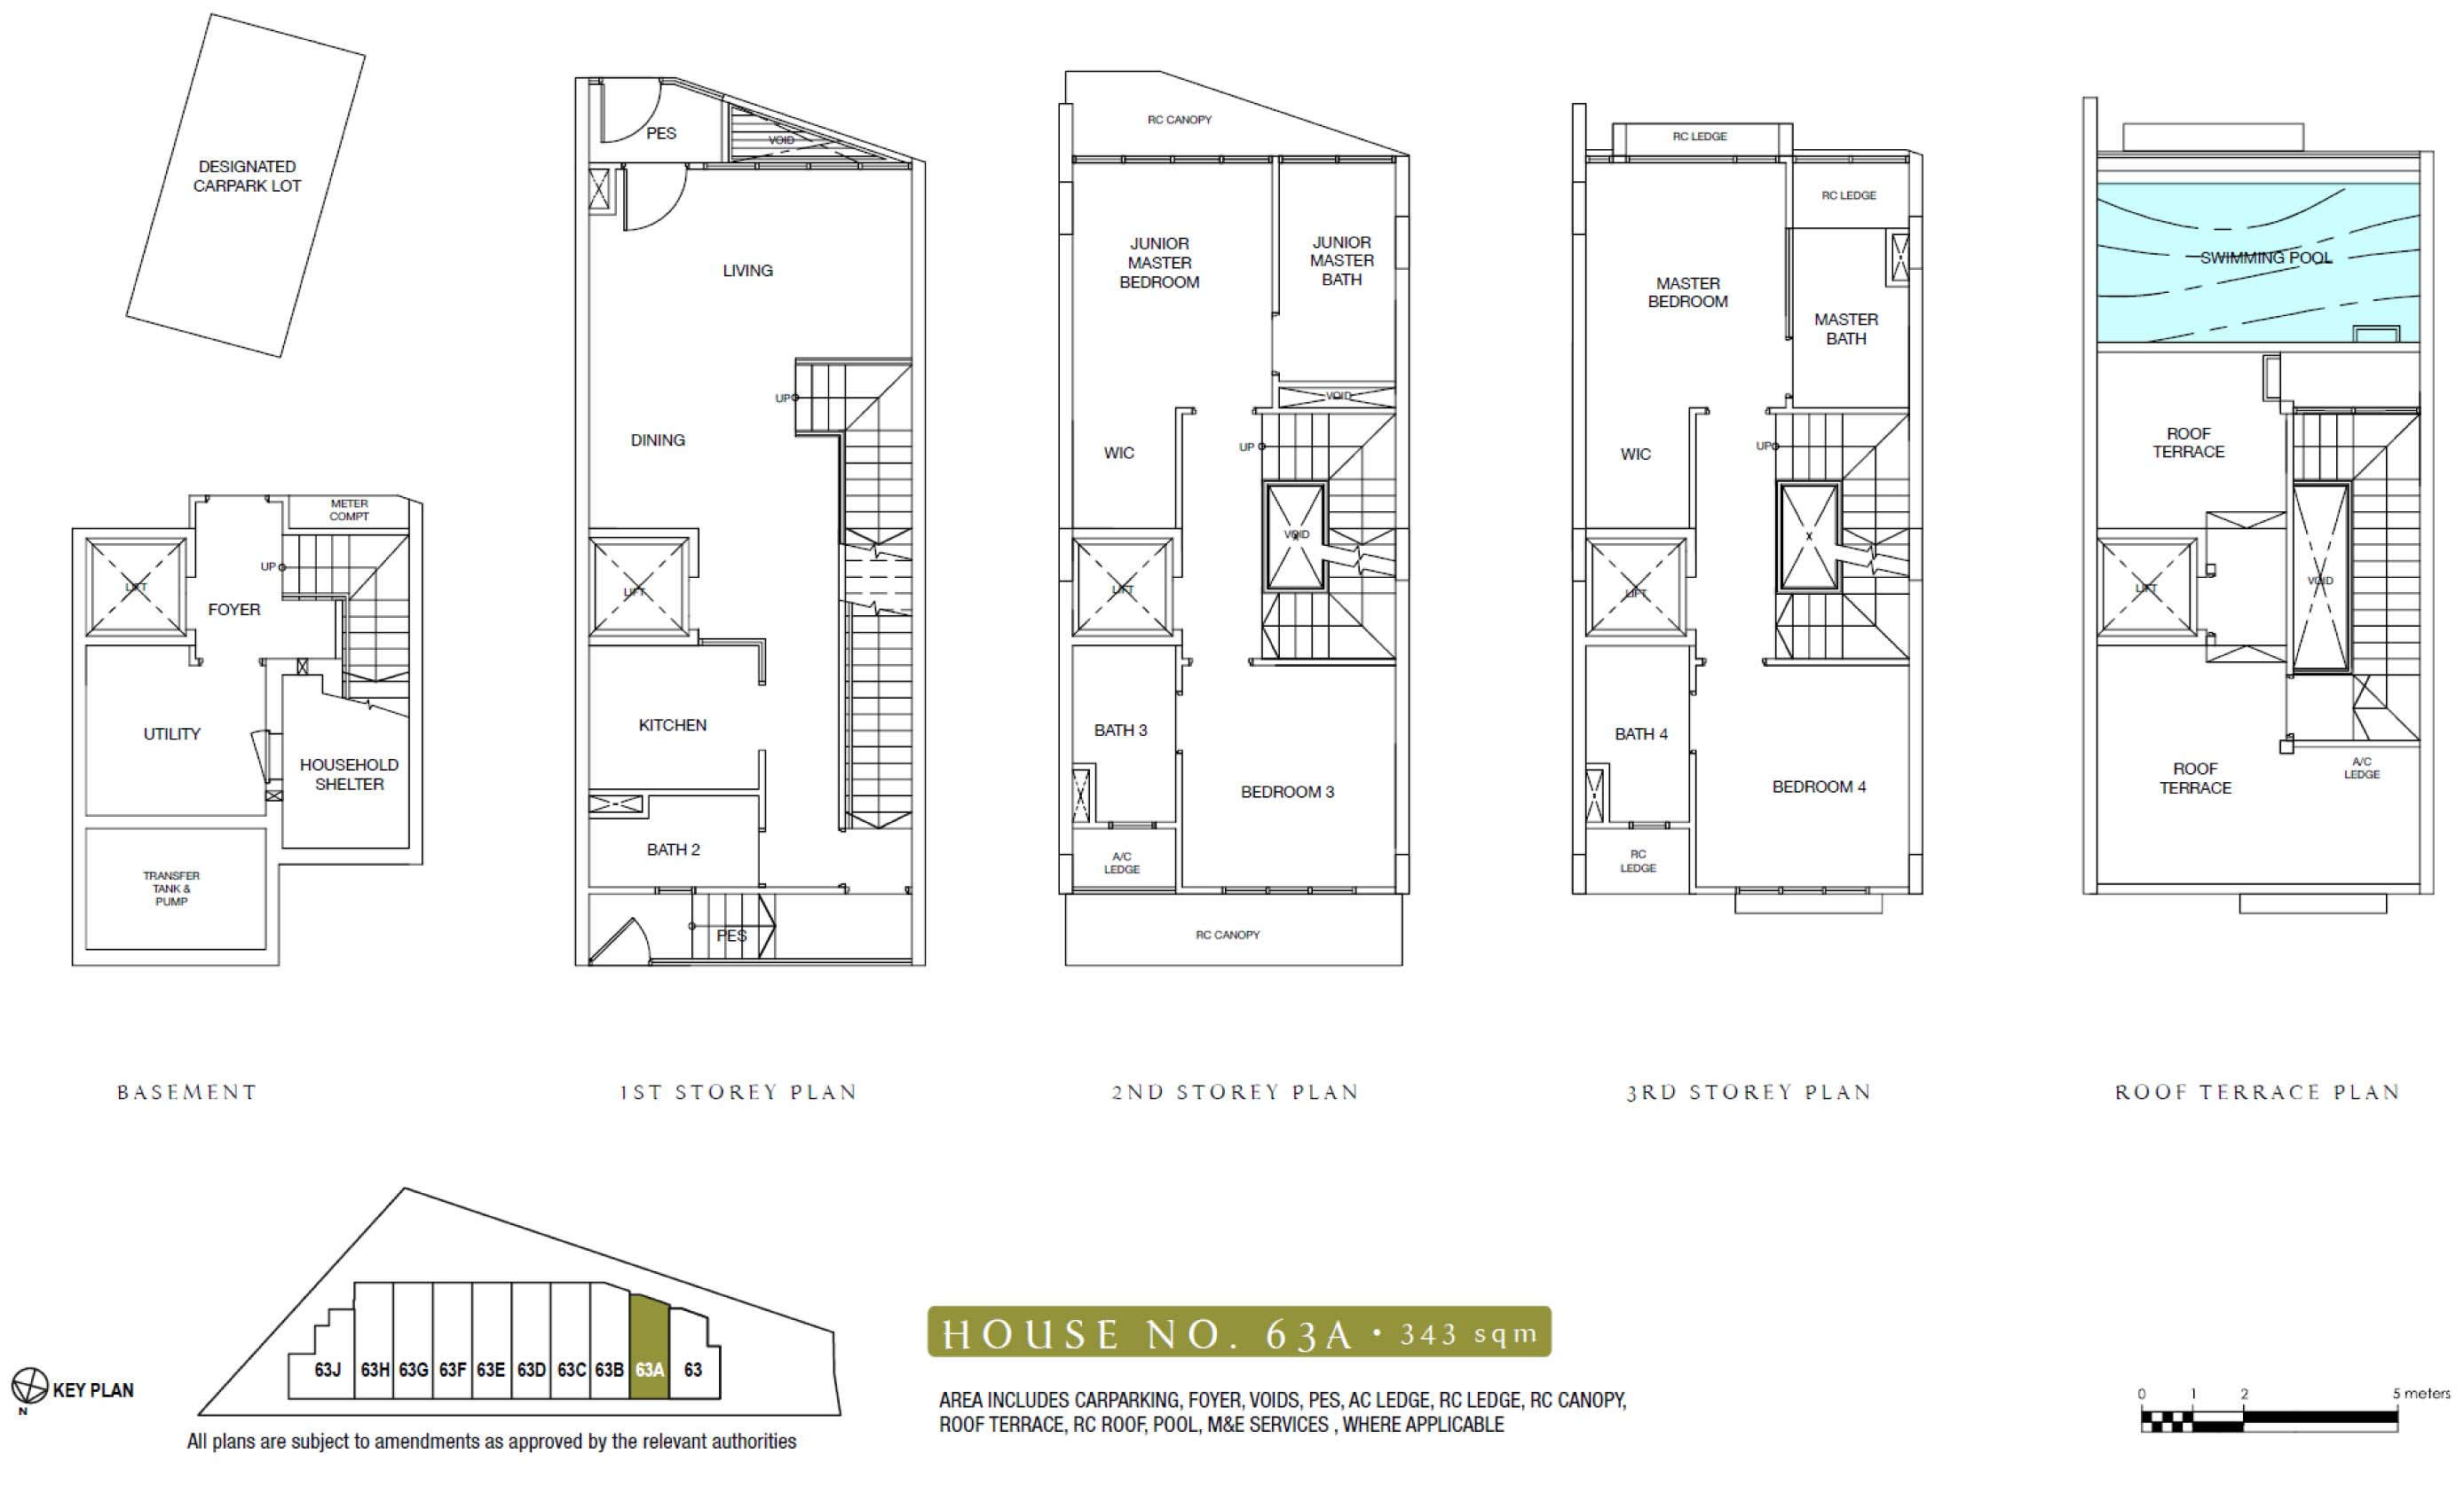 House # 63A